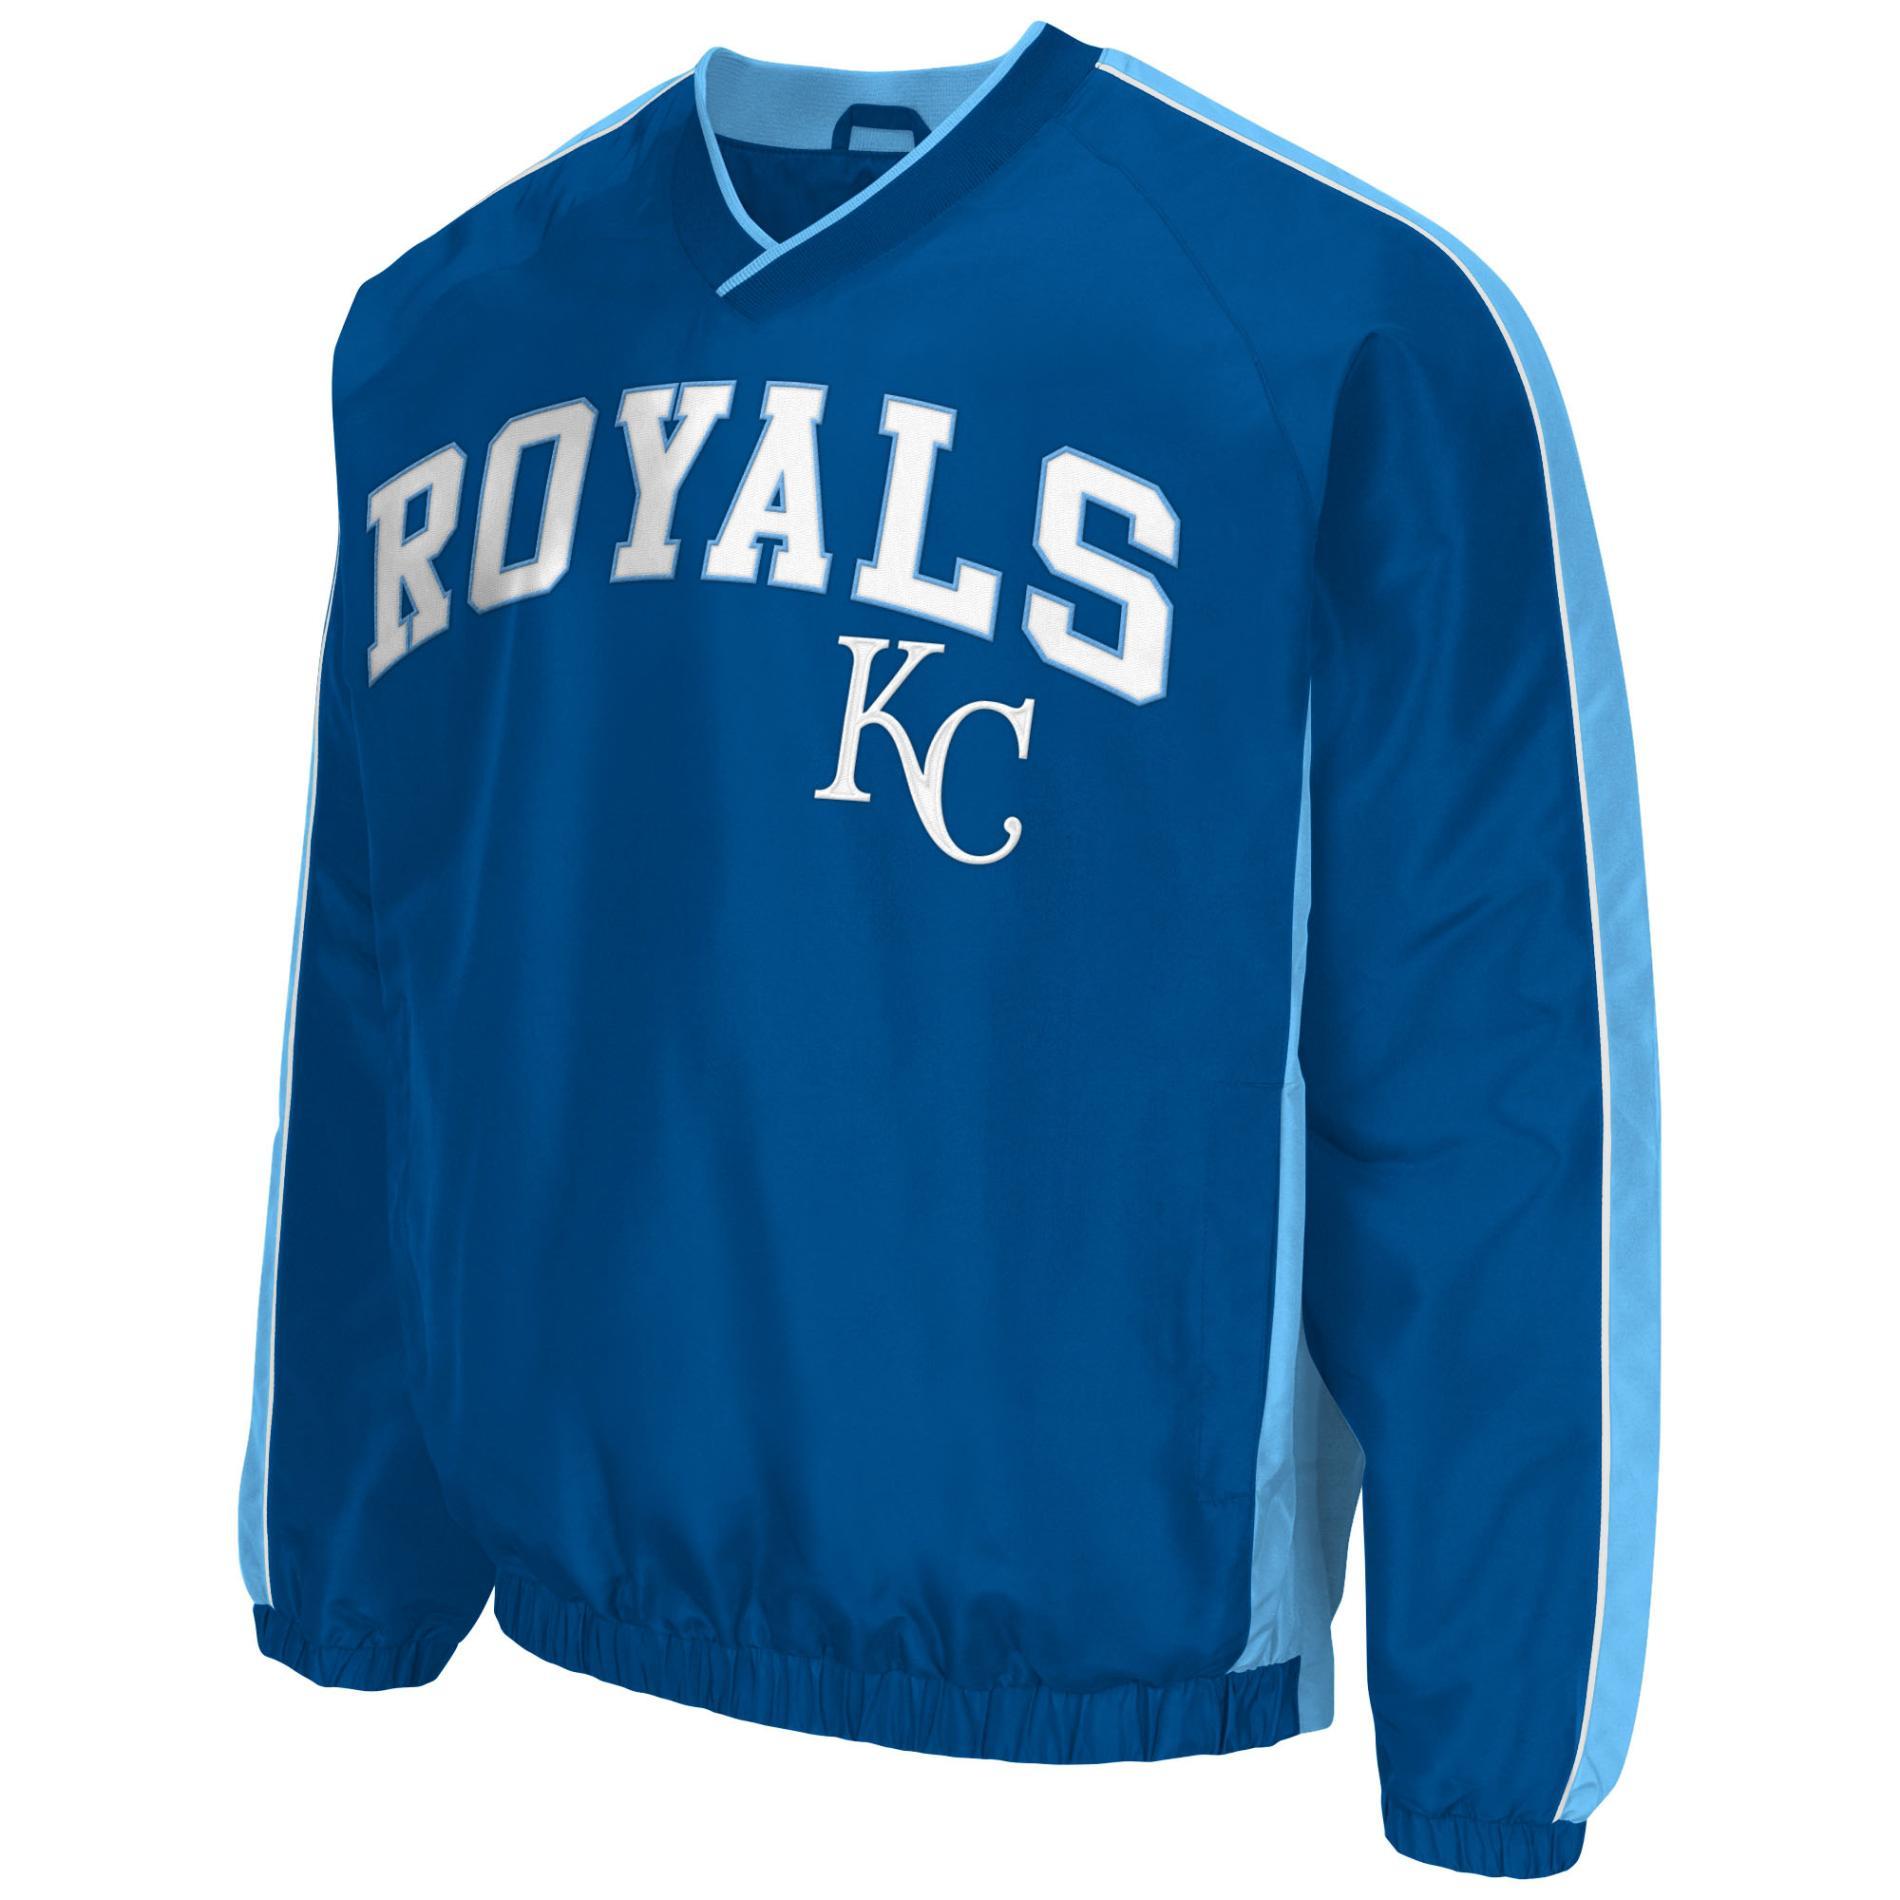 MLB Men's V-Neck Pullover Jacket - Kansas City Royals PartNumber: 046VA89398912P MfgPartNumber: LA650338